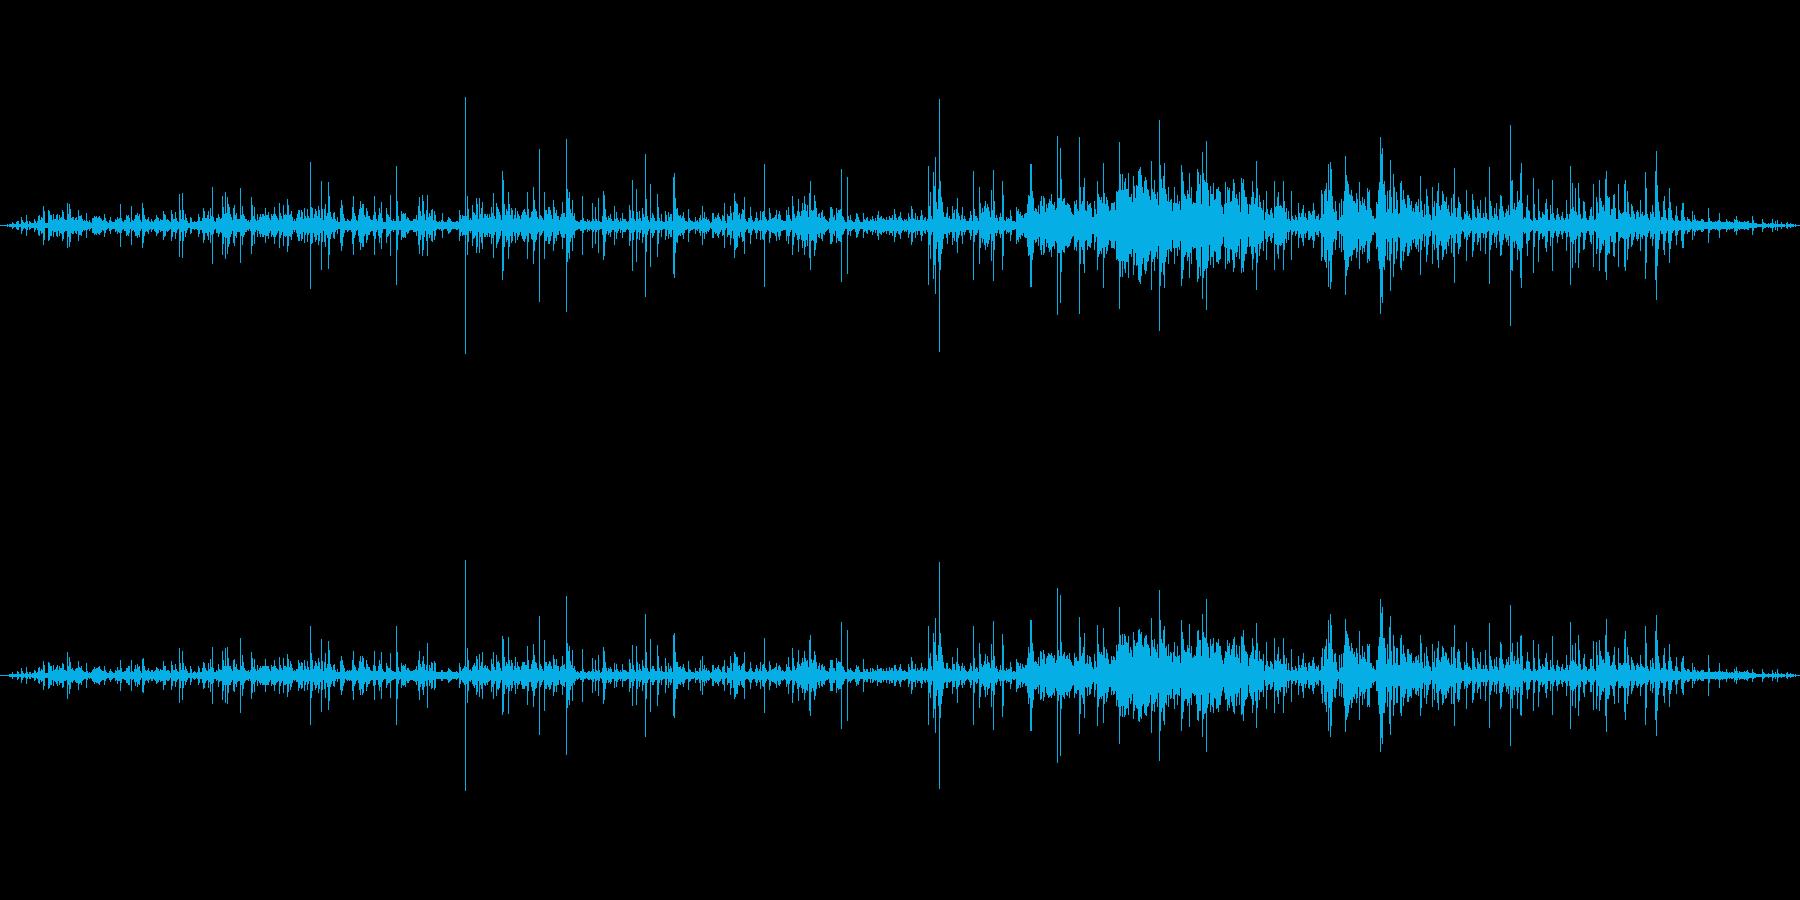 【環境音】水琴窟の音(池上梅園)の再生済みの波形